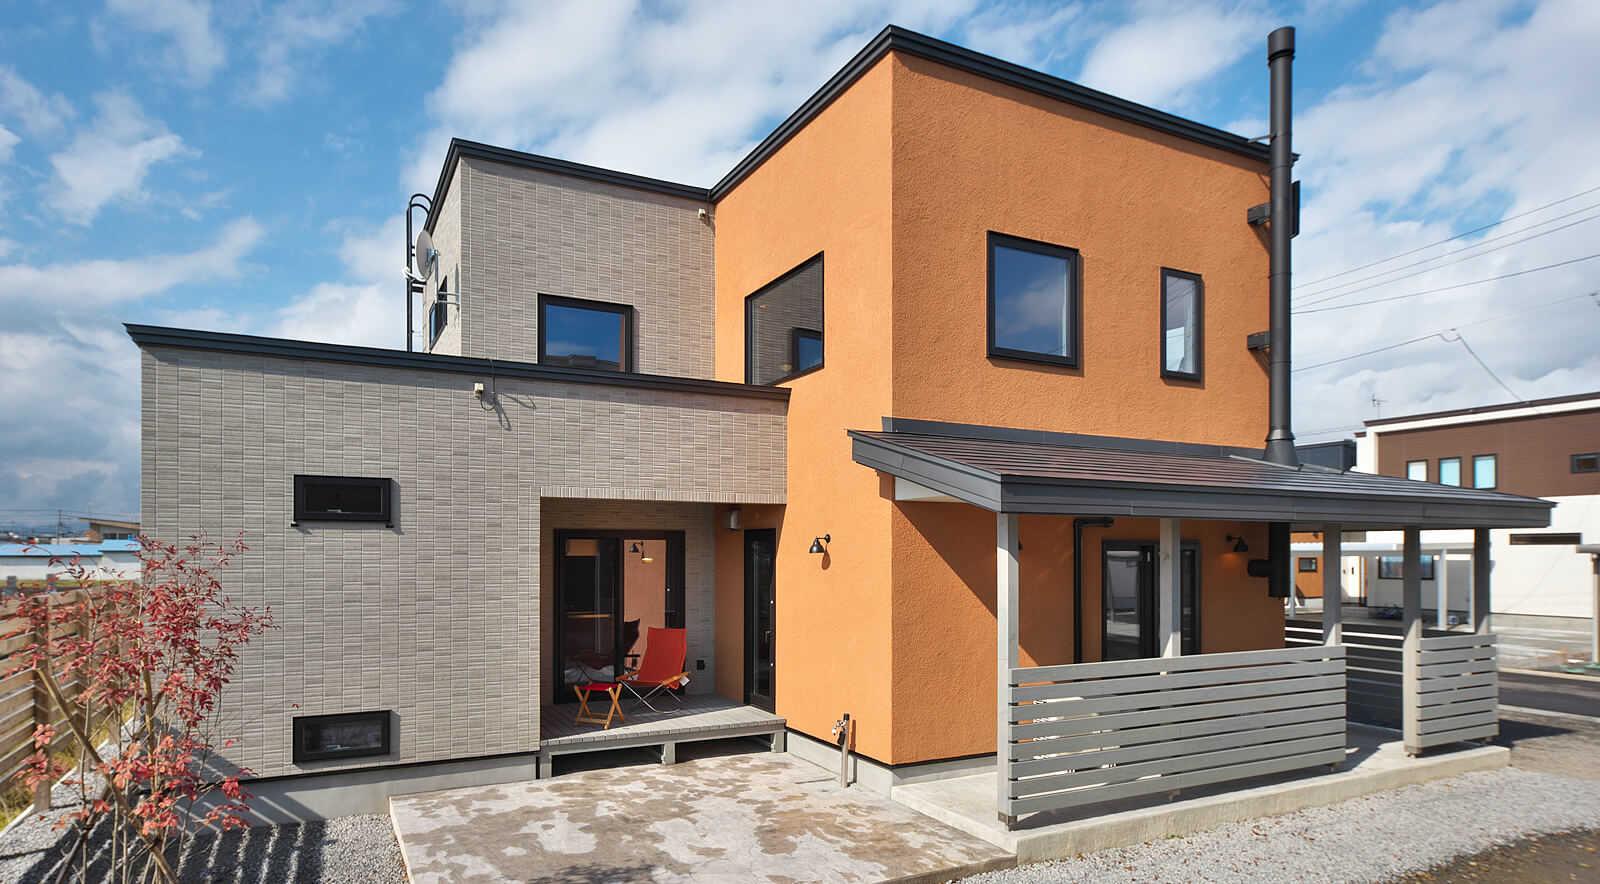 変化に富んだ横からのフォルム。意匠性とメンテナンスに優れた塗り壁仕上げに、オレンジ色が個性を際立たせる